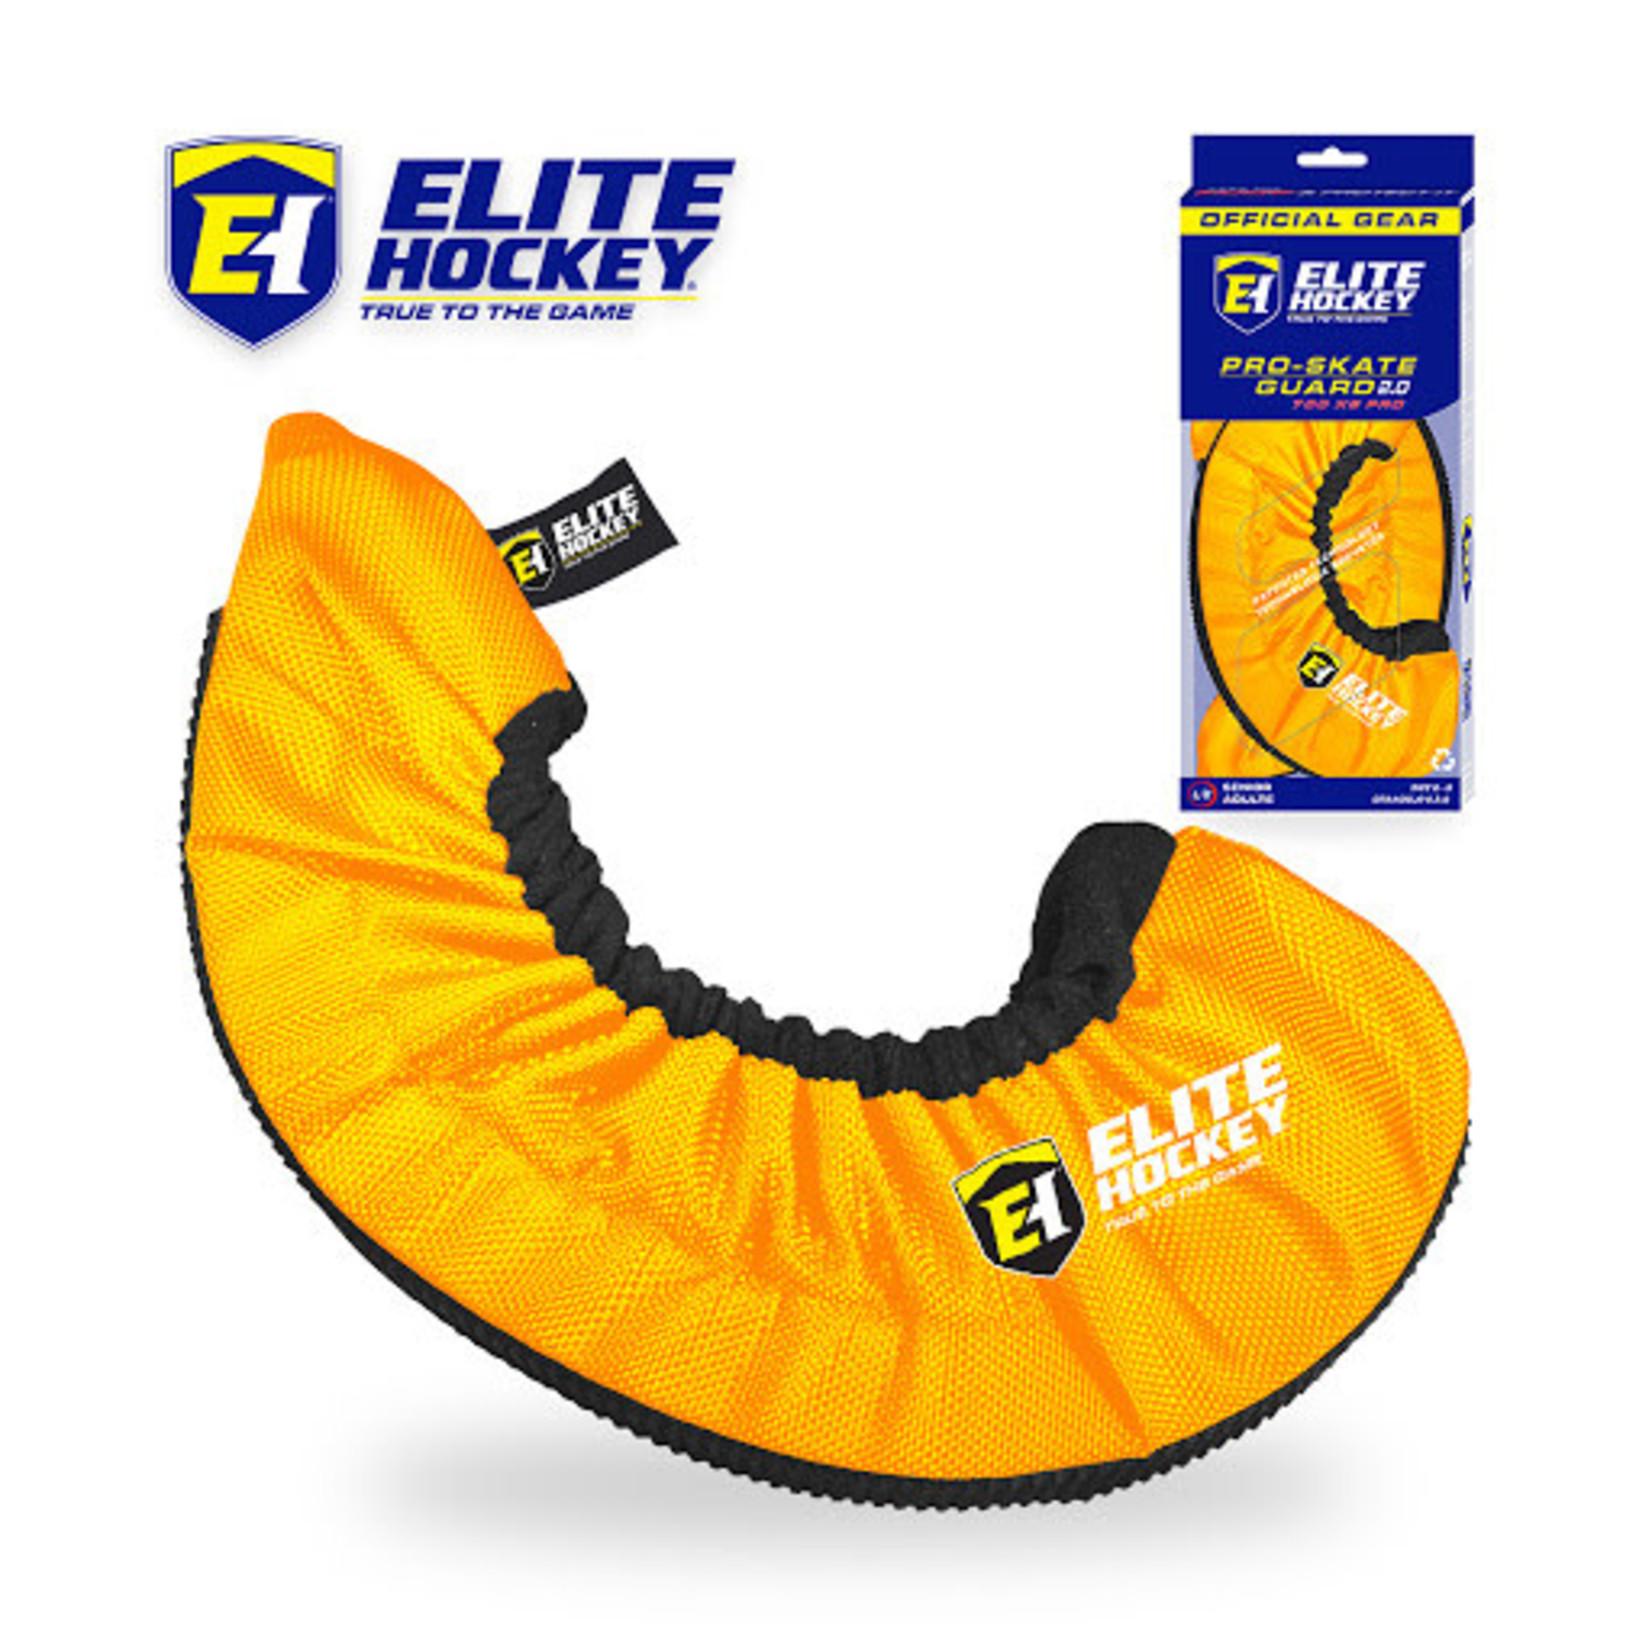 Elite Hockey Elite Hockey Pro-Skate Guards